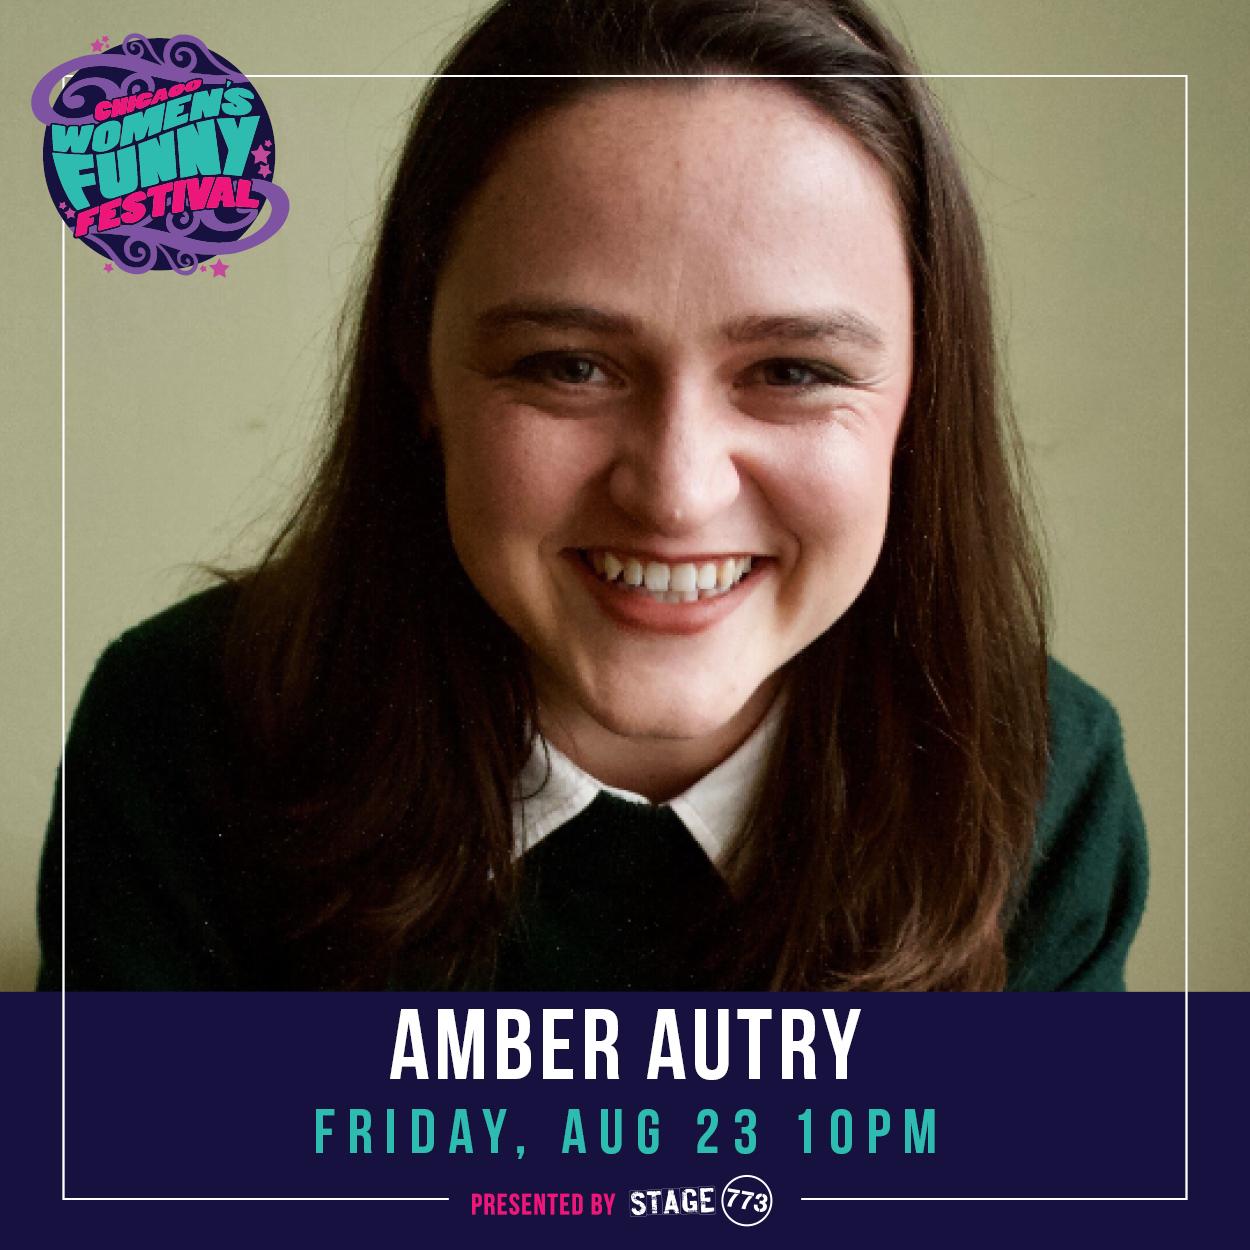 AmberAutry_Friday_10PM_CWFF2019.jpg